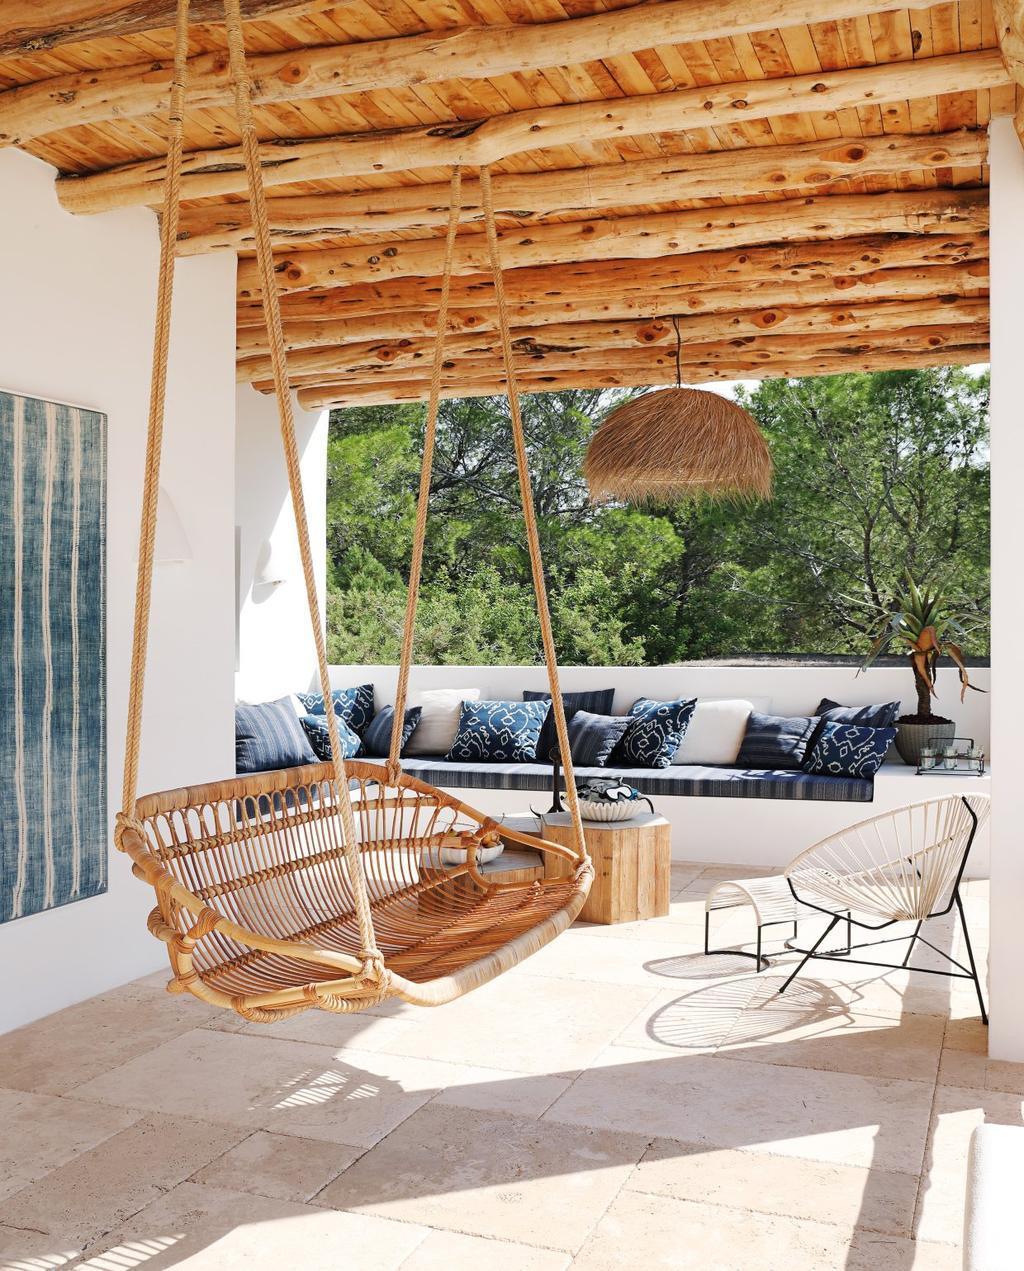 vtwonen 08-2020 | bk buitenland ibiza veranda met rotan schommelbank